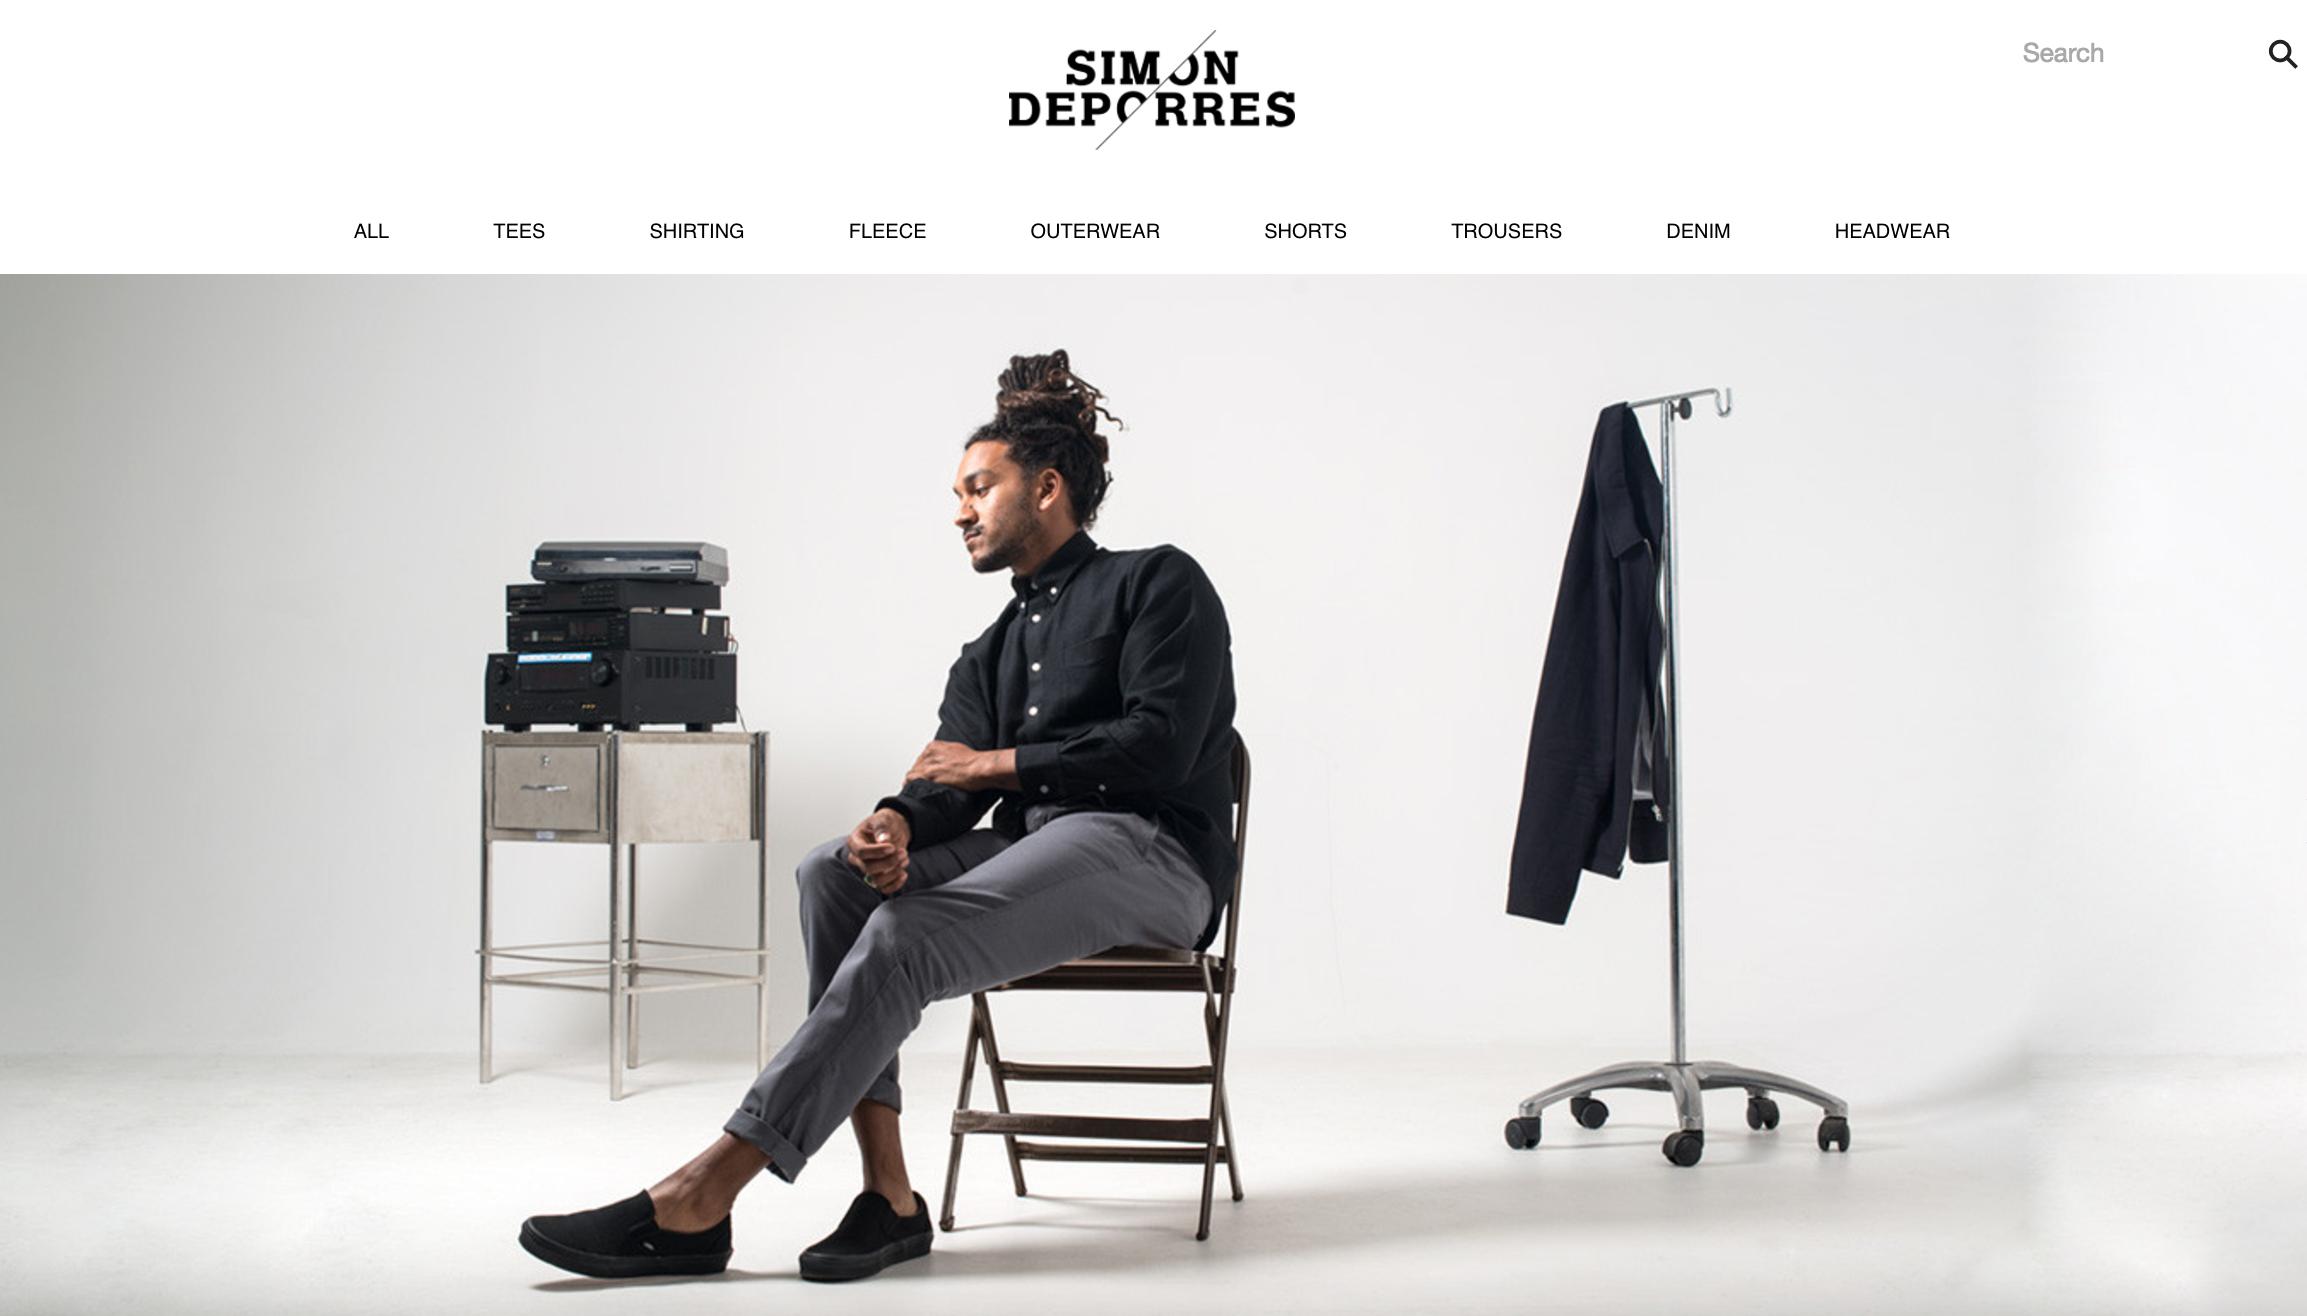 Simon Deporres Mens Clothing